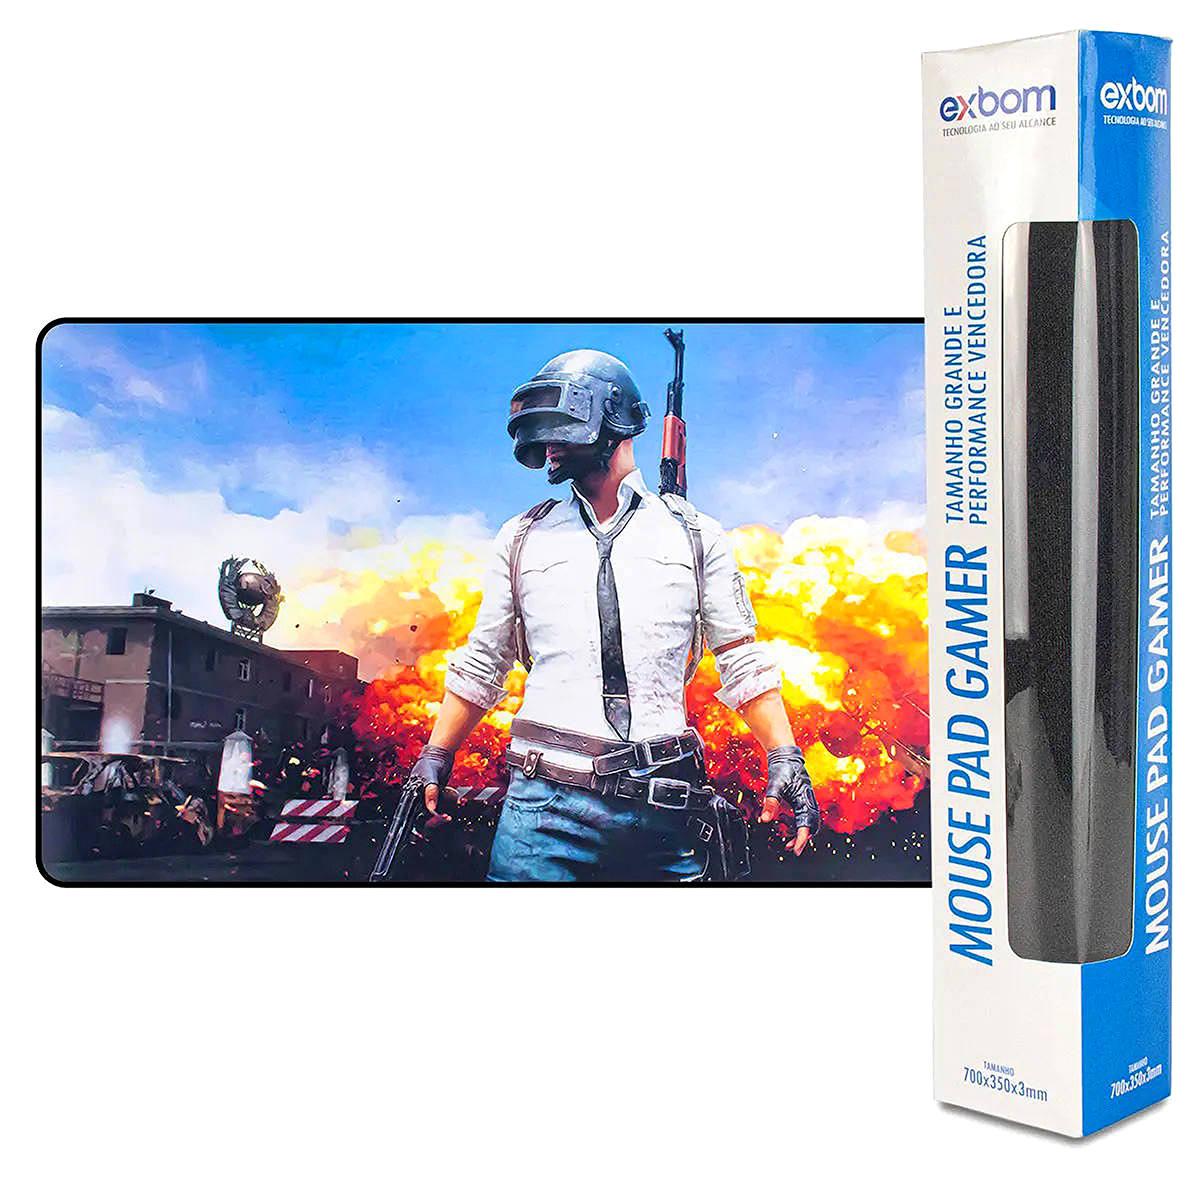 Mouse Pad Gamer Extra Grande 700x350x3mm com Bordas Costuradas e Base Antiderrapante Exbom MP7035 PU Mission